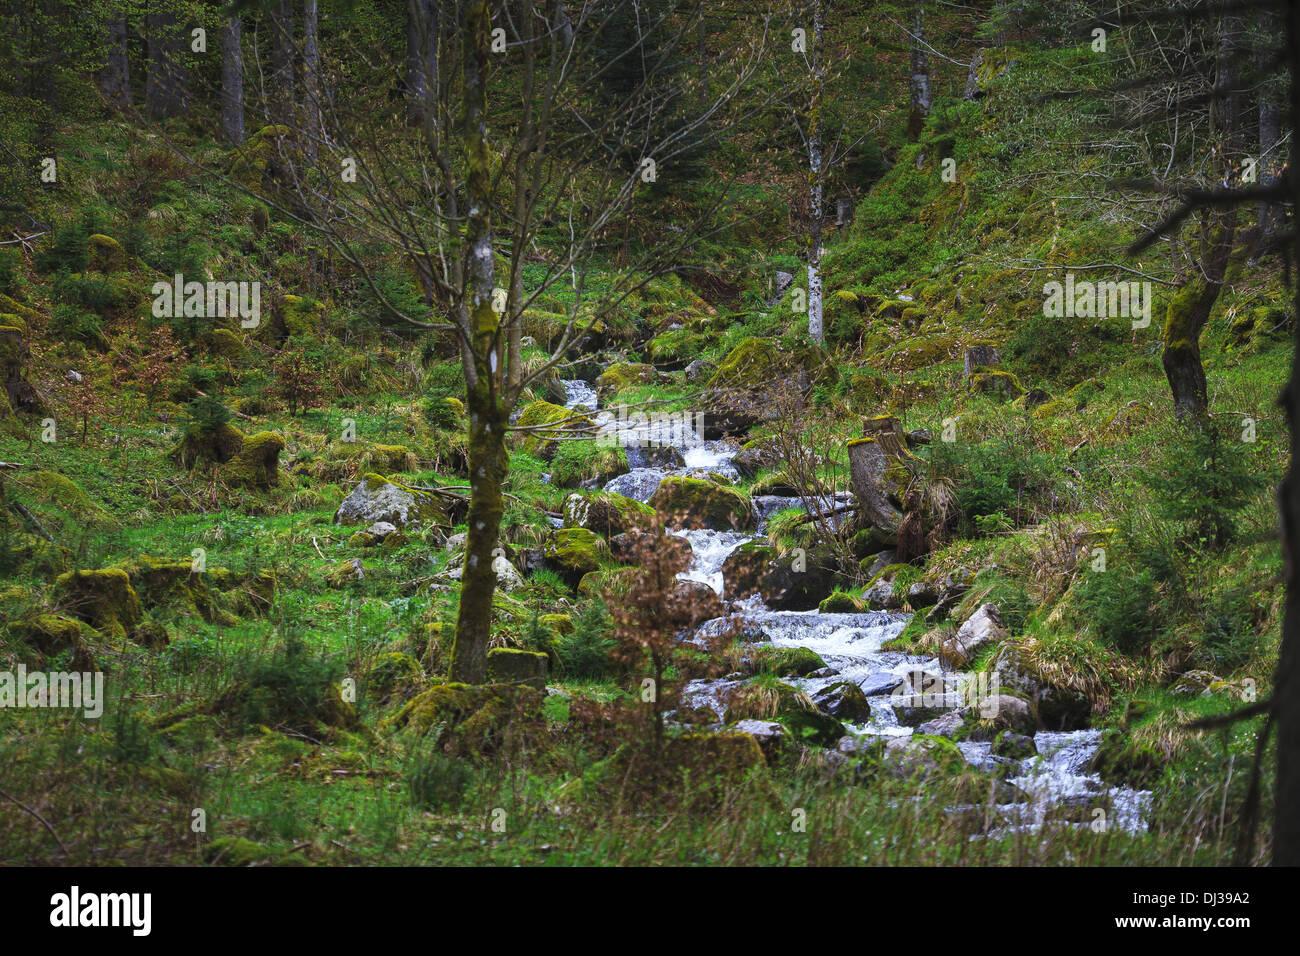 Stream 02 - Stock Image